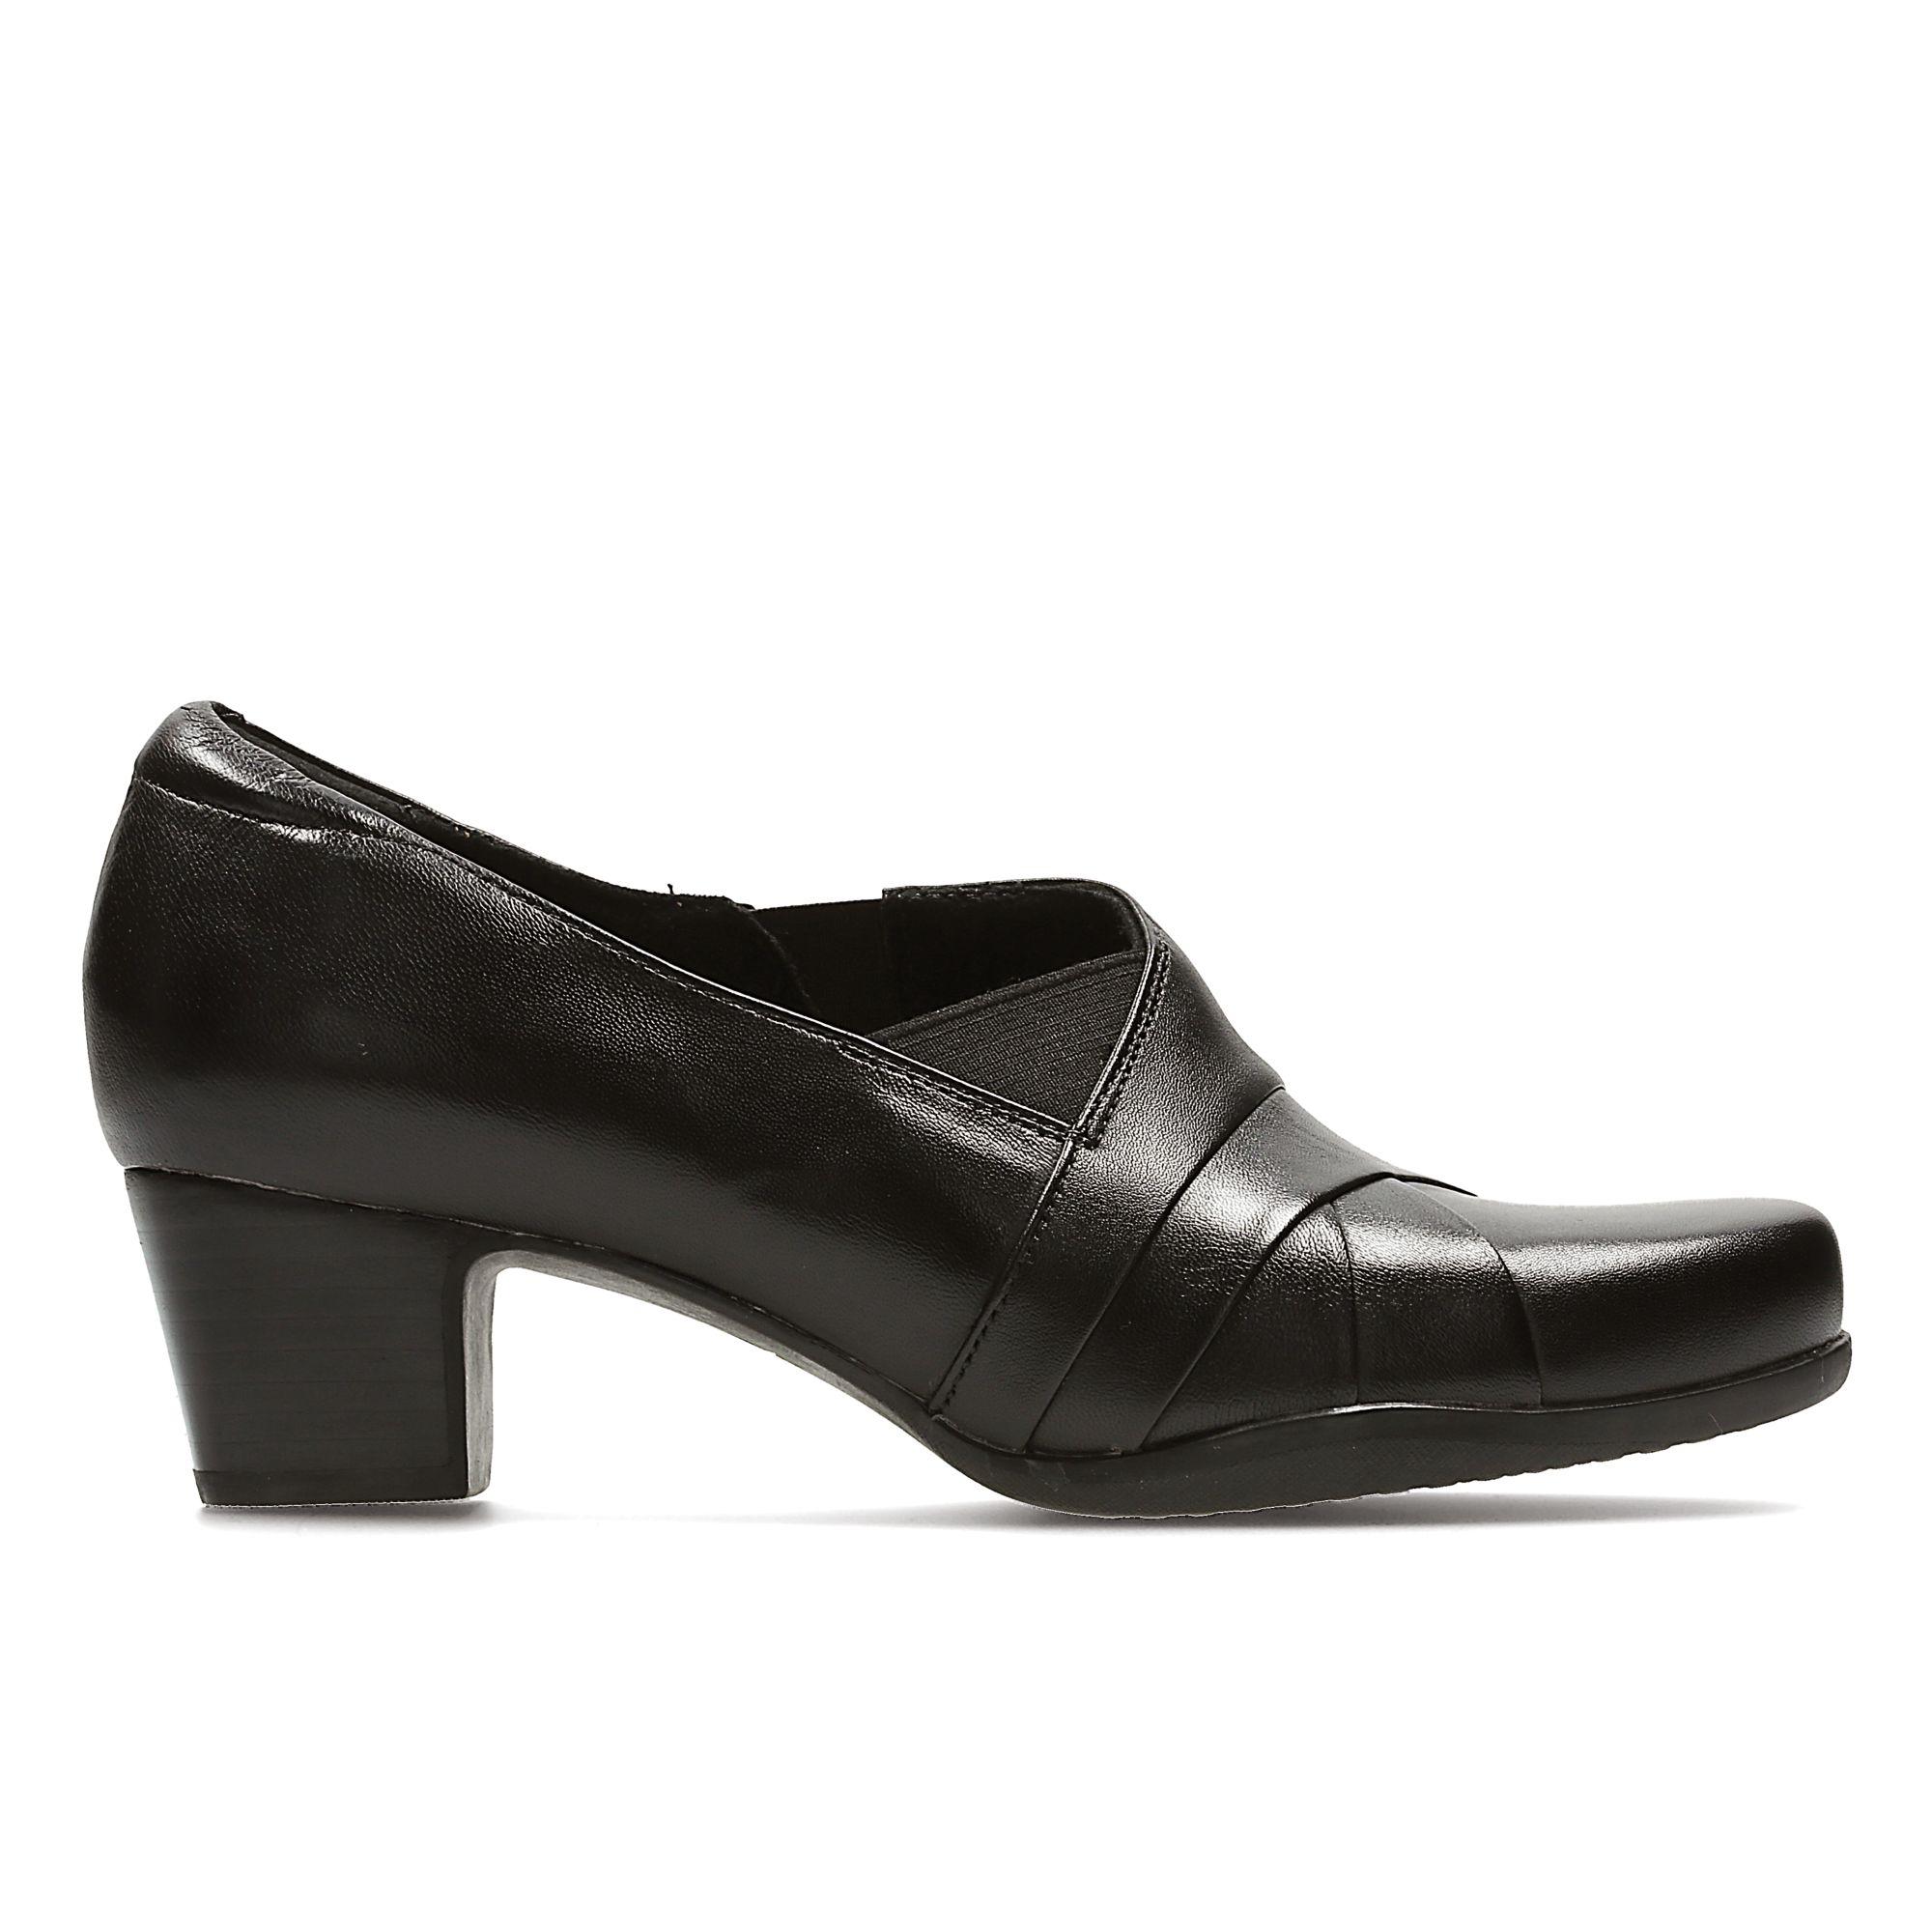 Zapatos mujer Rosalyn Adele: Tiendas Notizalia